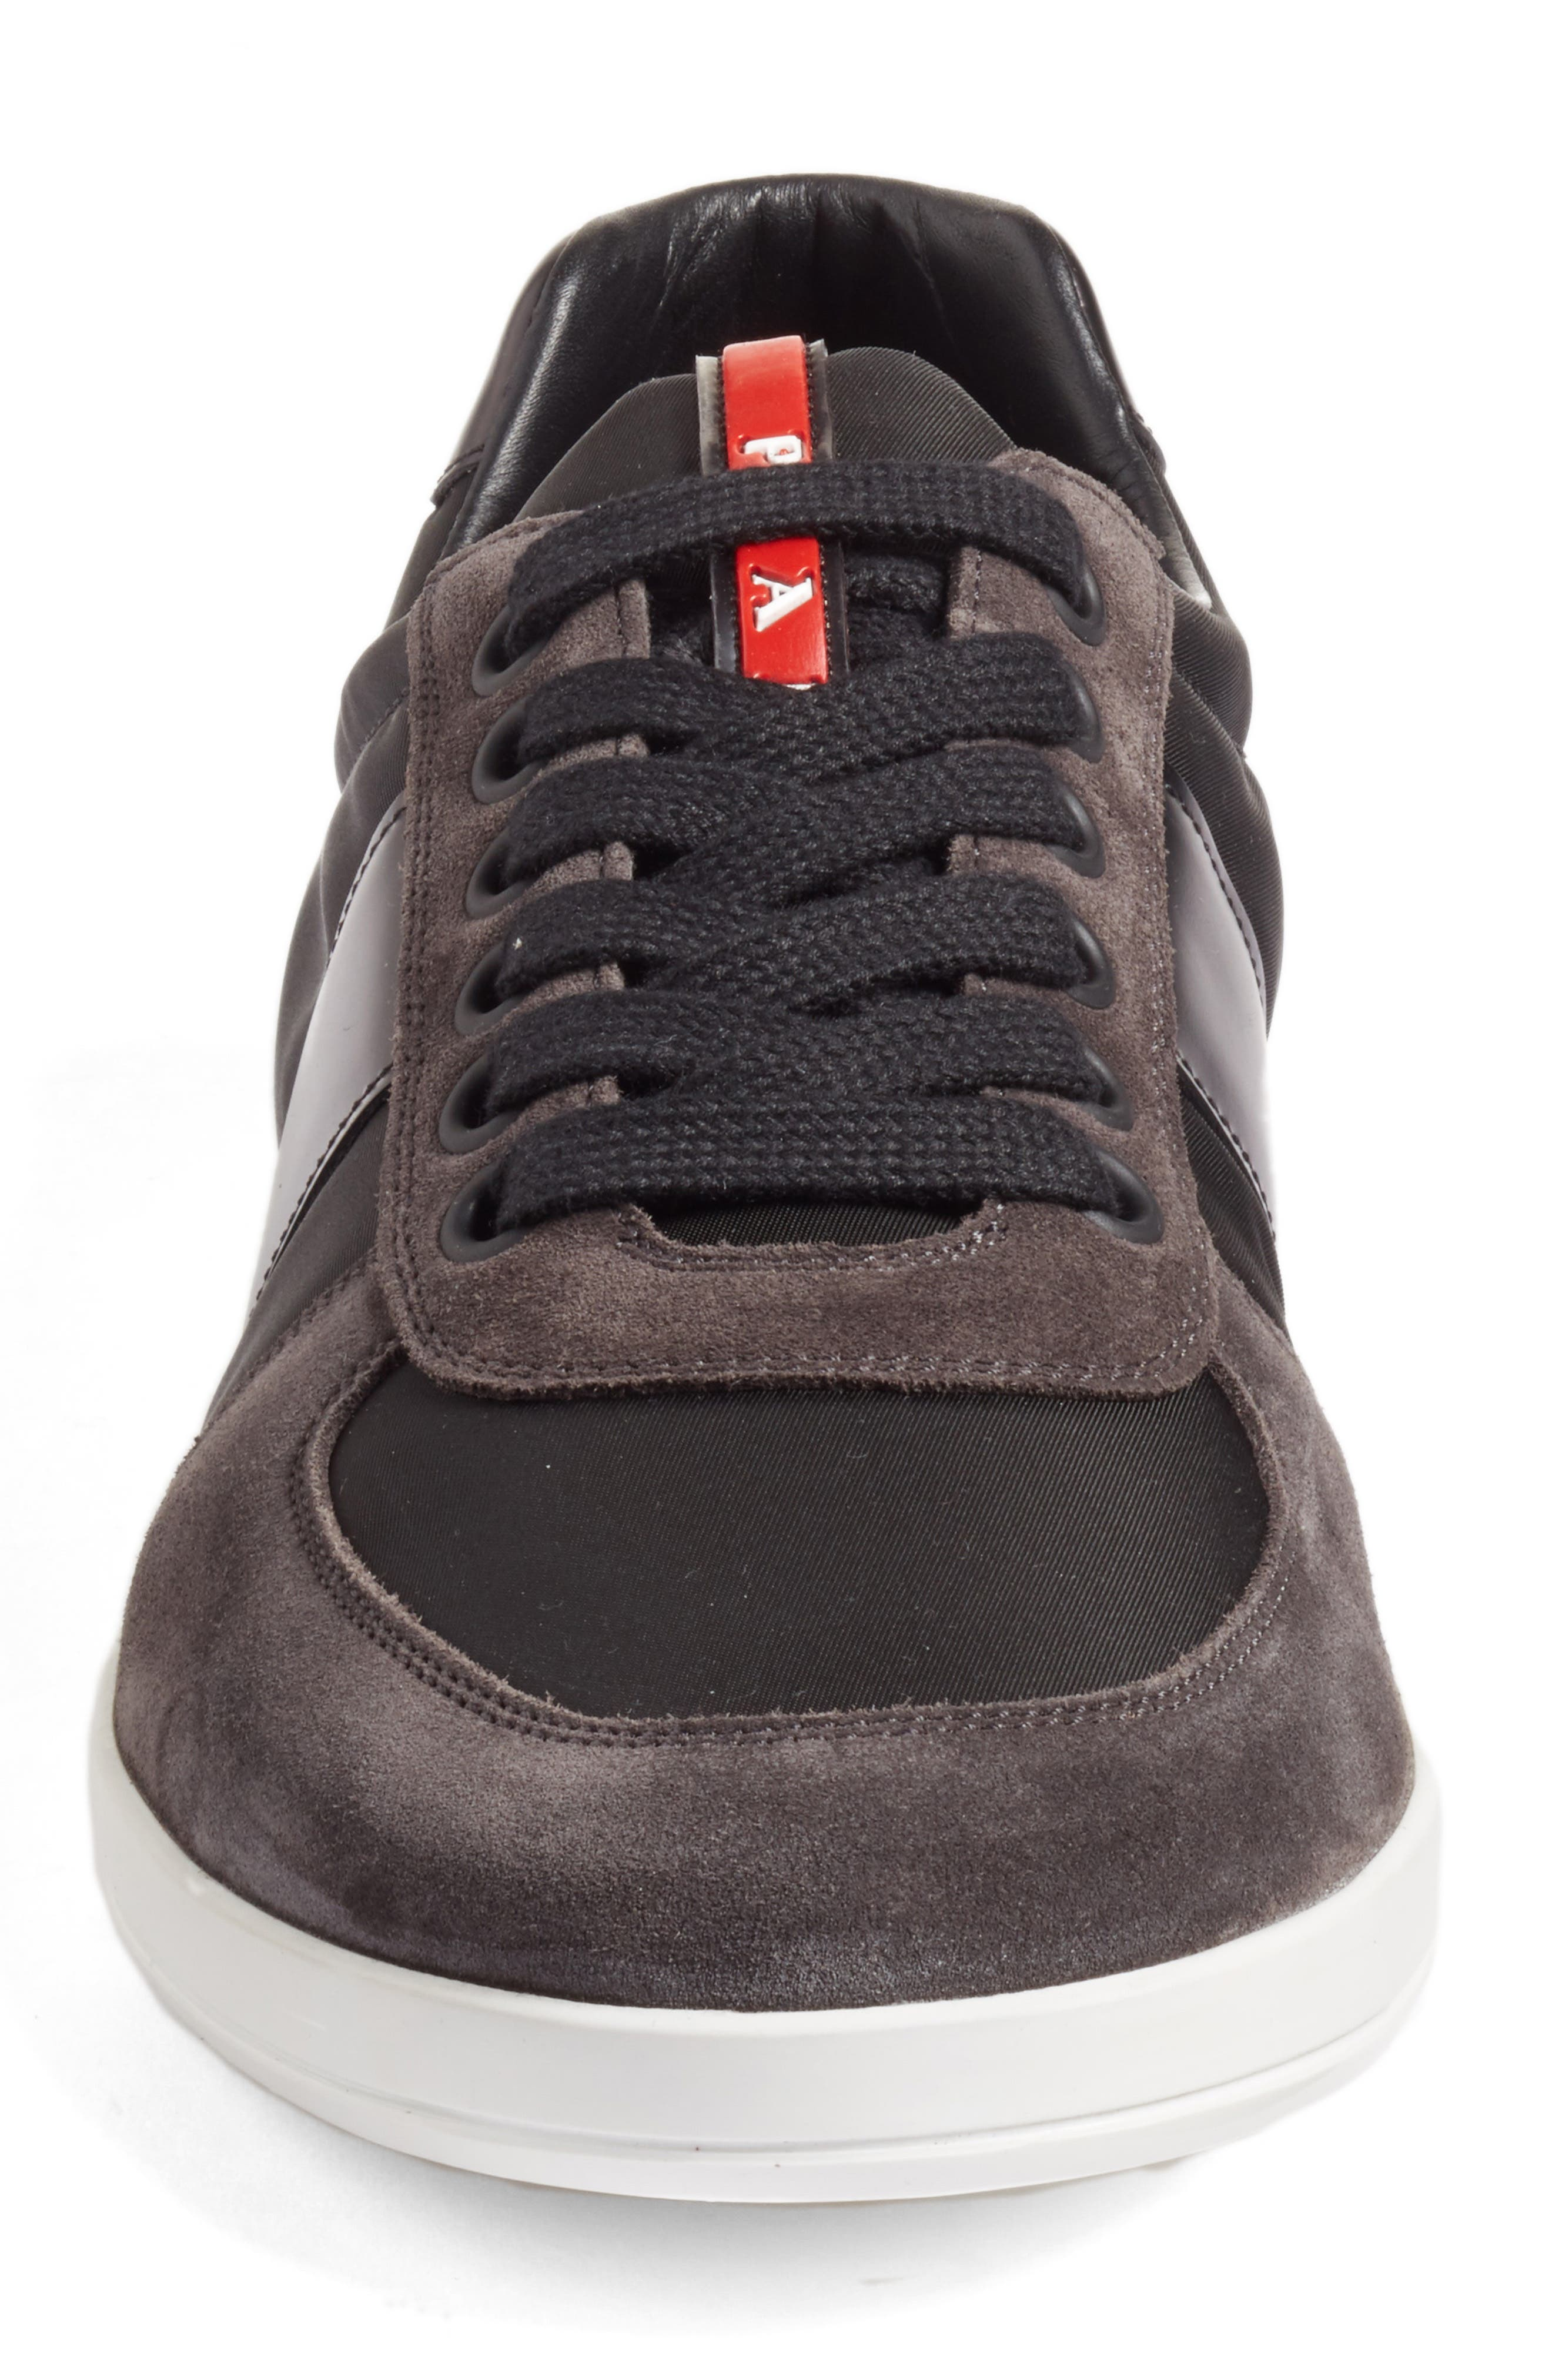 Linea Rossa Sneaker,                             Alternate thumbnail 4, color,                             010